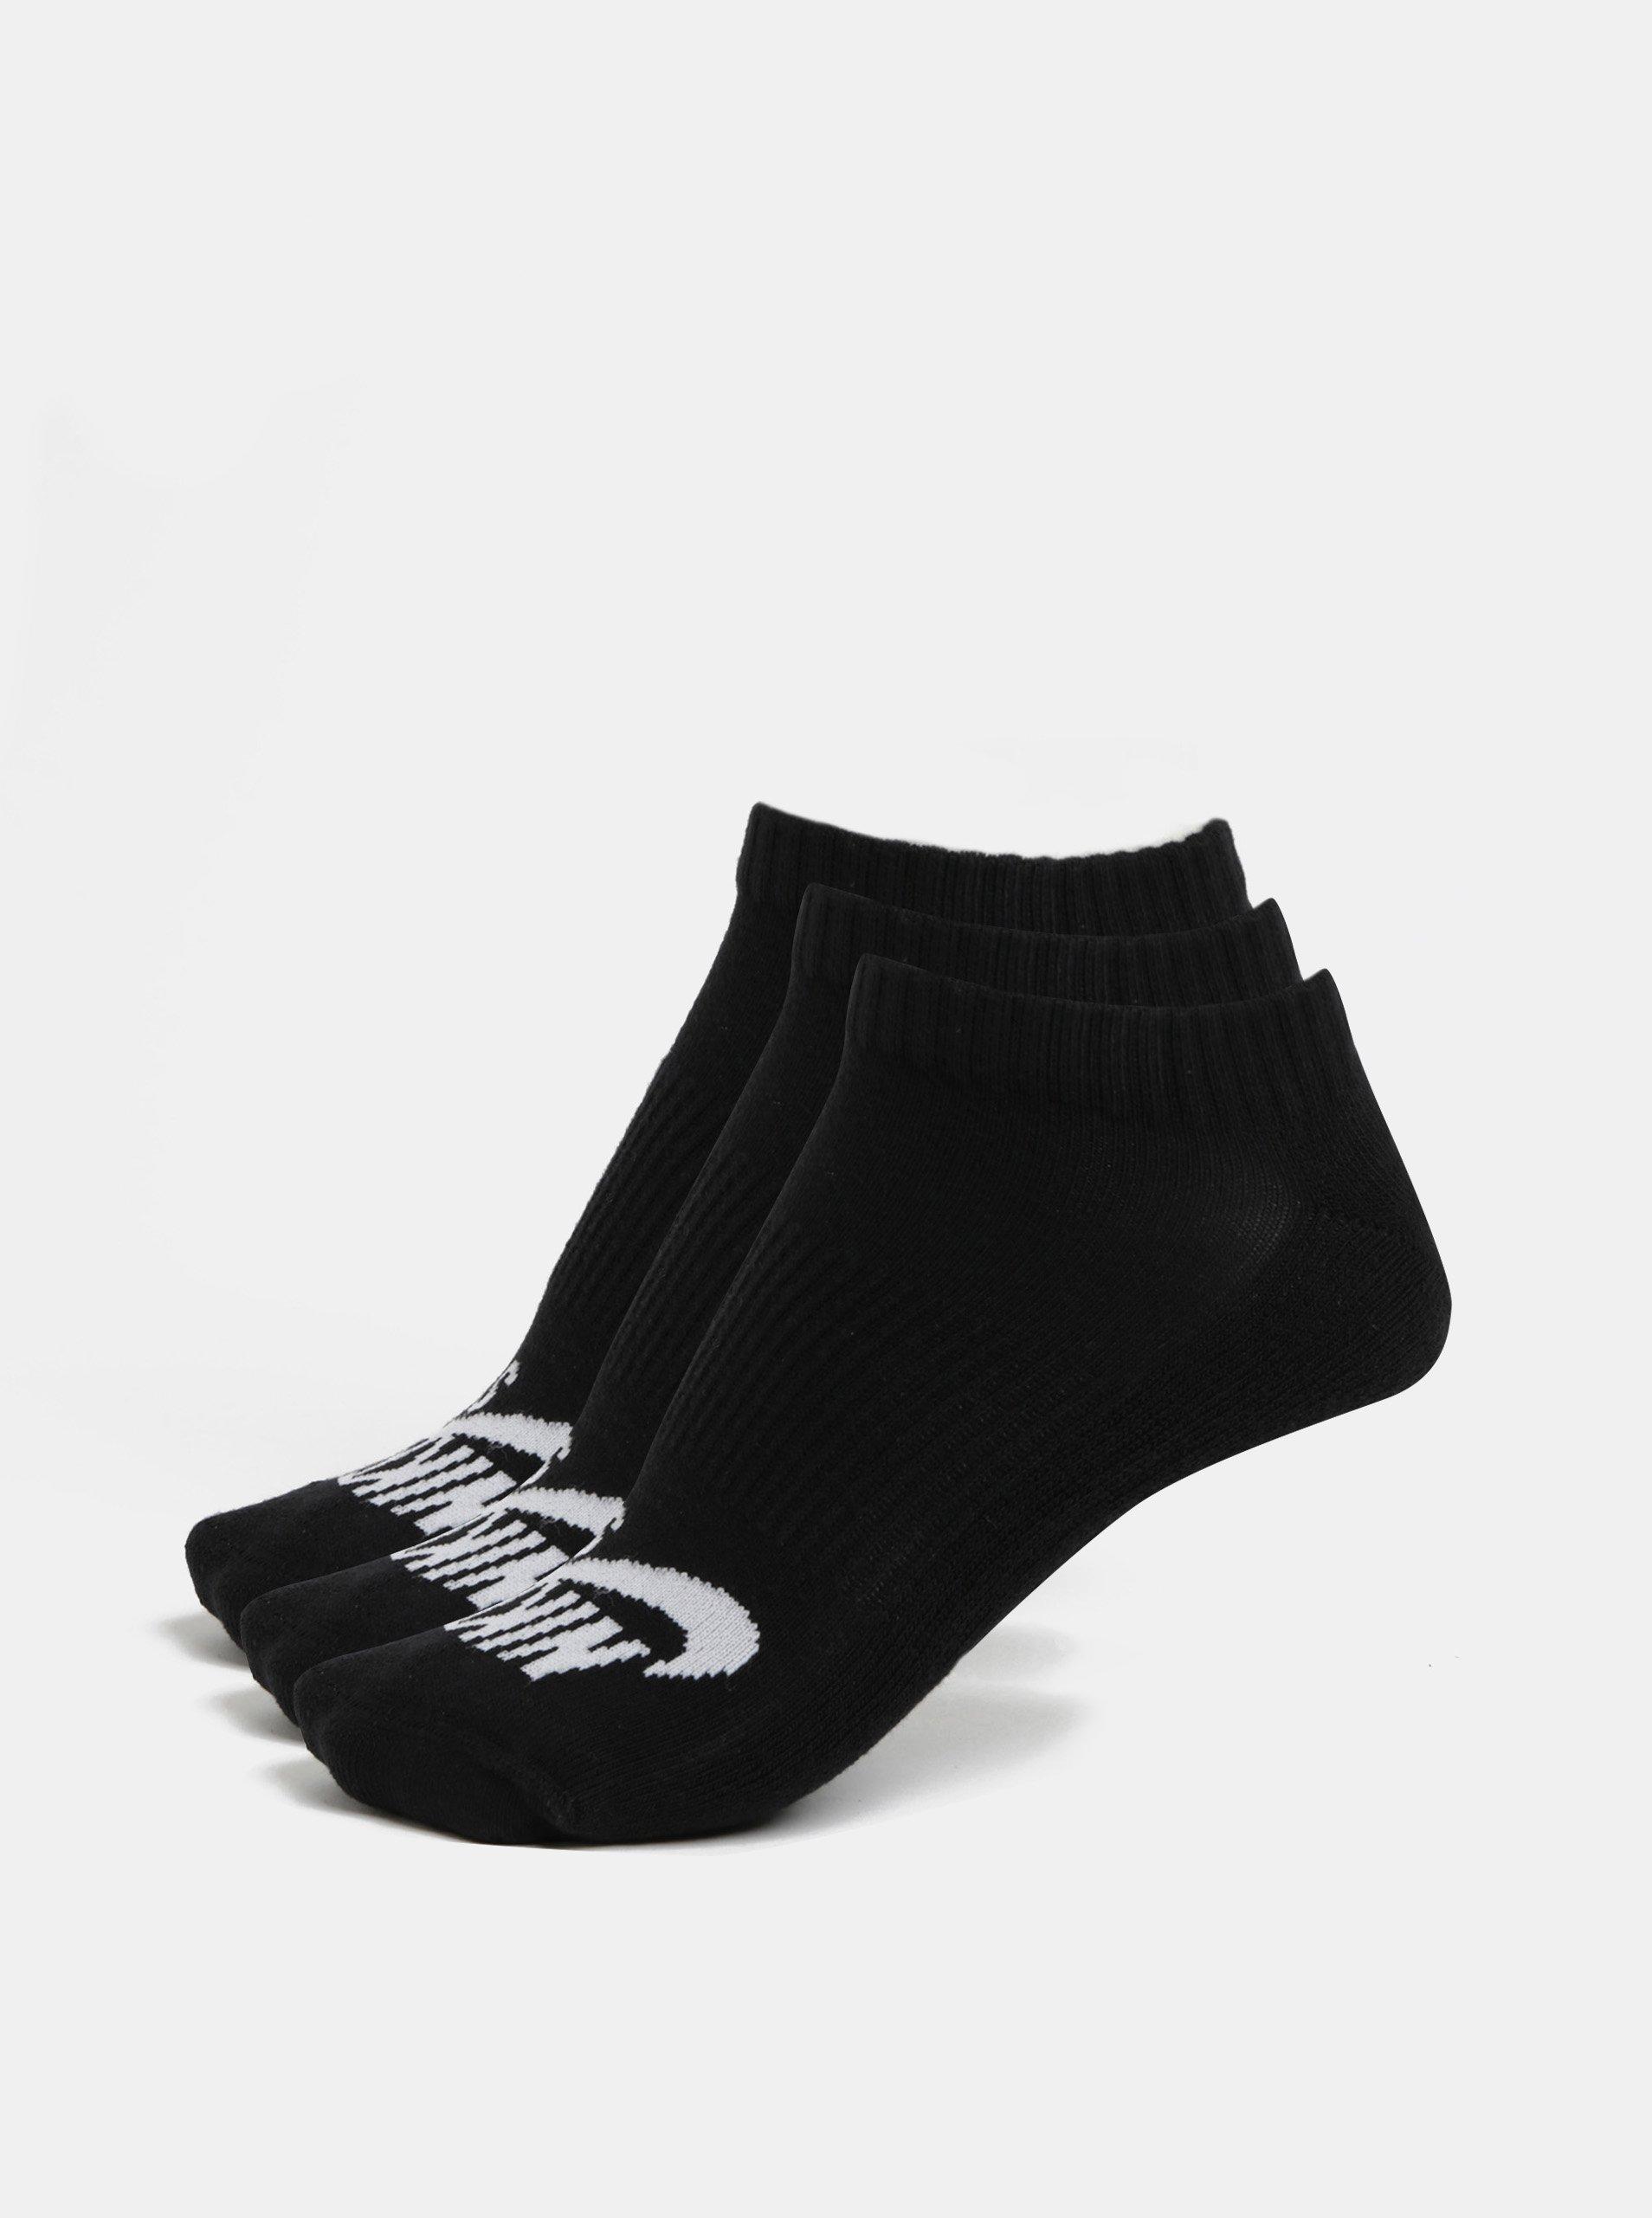 Sada tří párů unisex kotníkových ponožek v černé barvě Nike